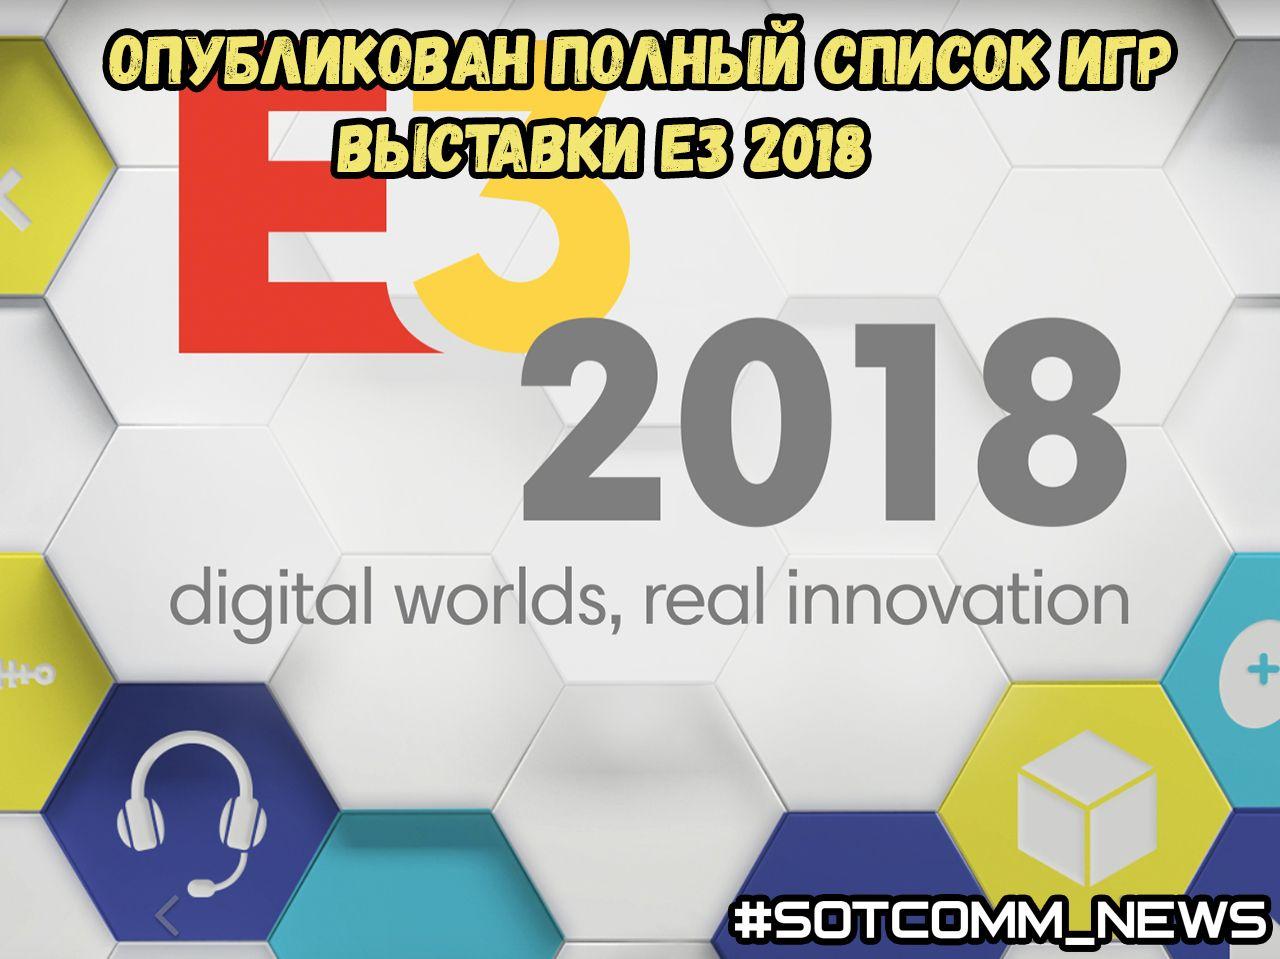 Опубликован полный список игр выставки E3 2018